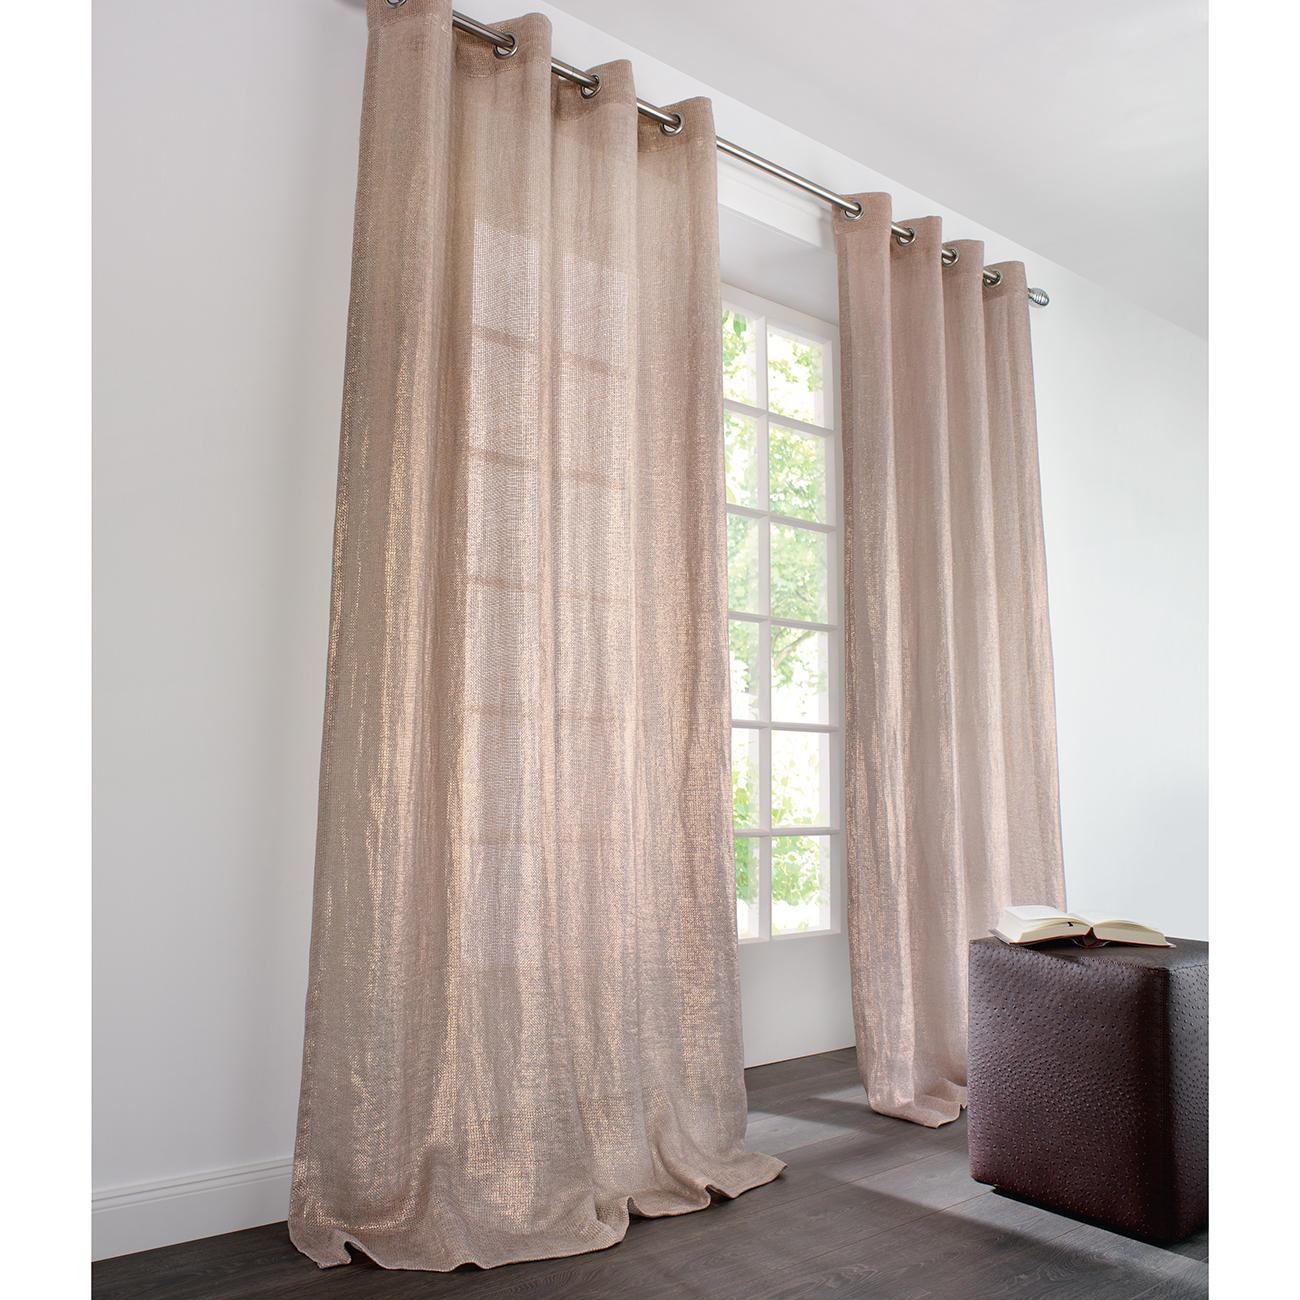 gardinen ideen leinen pauwnieuws. Black Bedroom Furniture Sets. Home Design Ideas